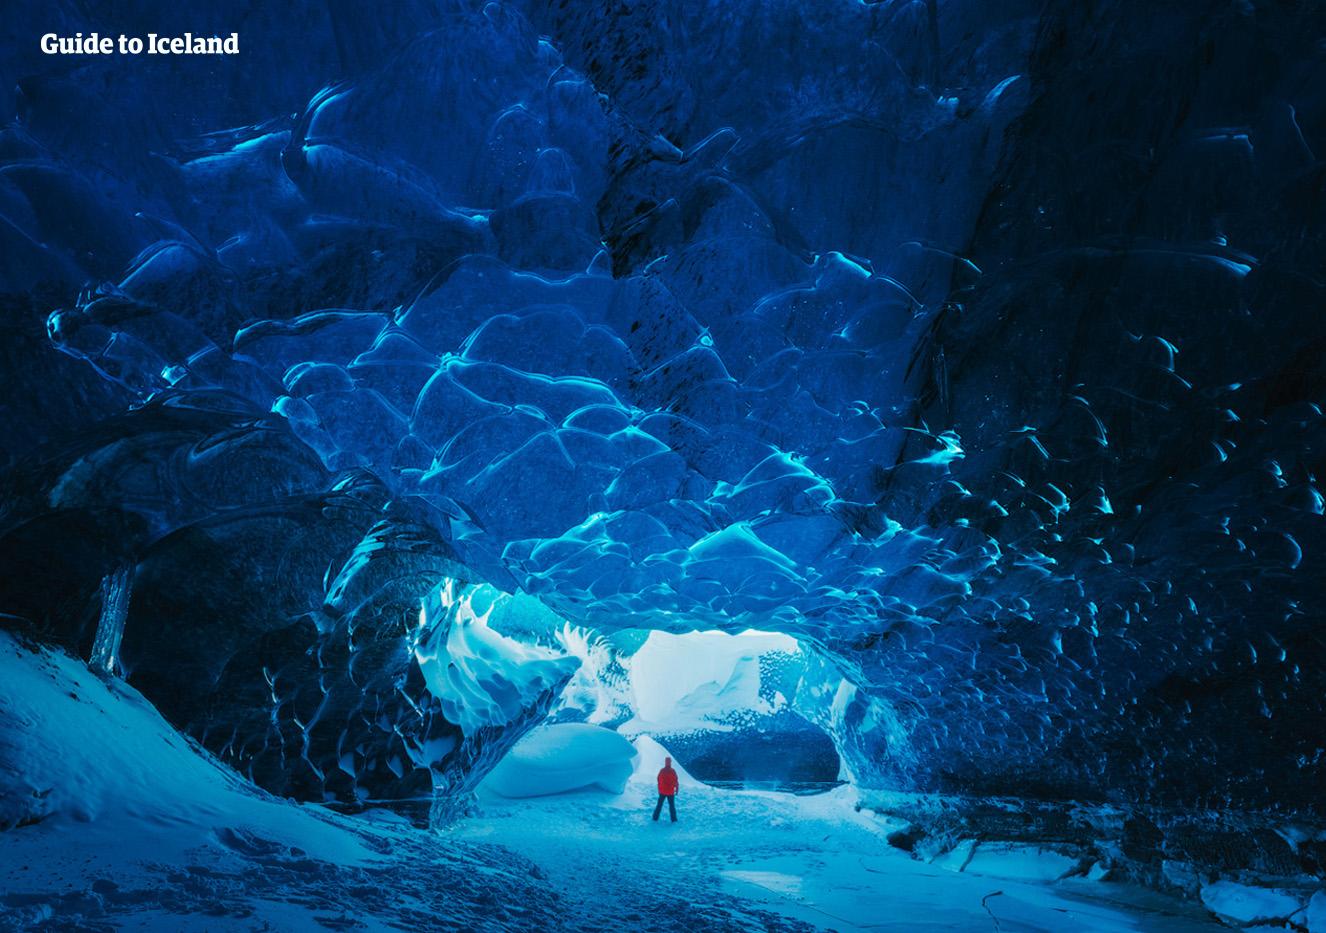 สีฟ้าแพรวพราวที่เกิดขึ้นภายในถ้ำน้ำแข็งของประเทศไอซ์แลนด์